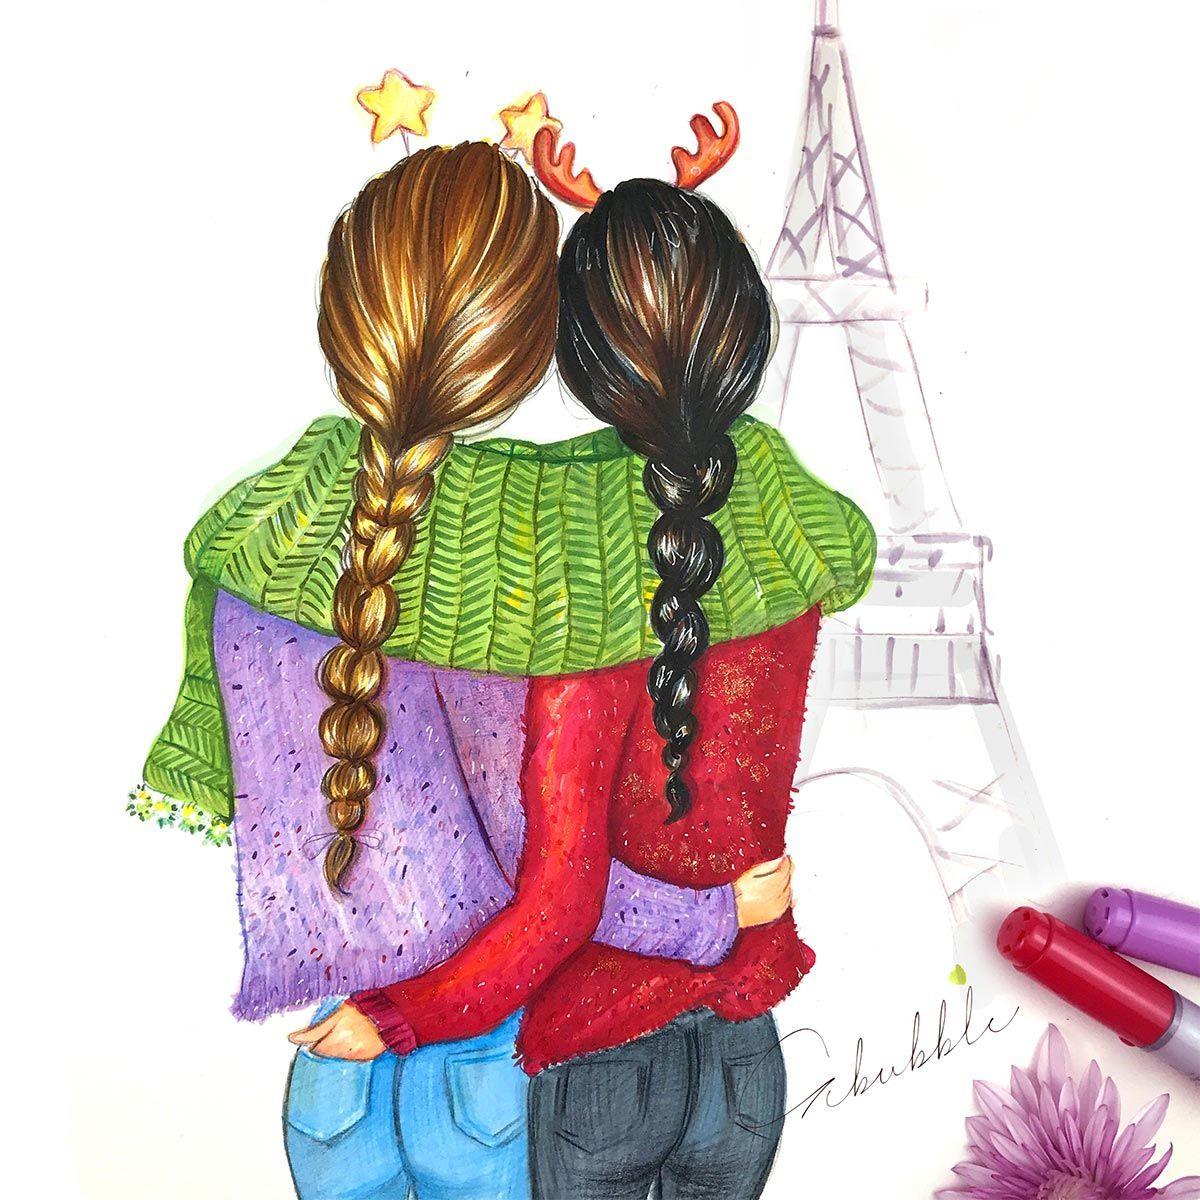 Pensando A Mi Hermana Mayor Ilustraciones Tegninger Piger Y